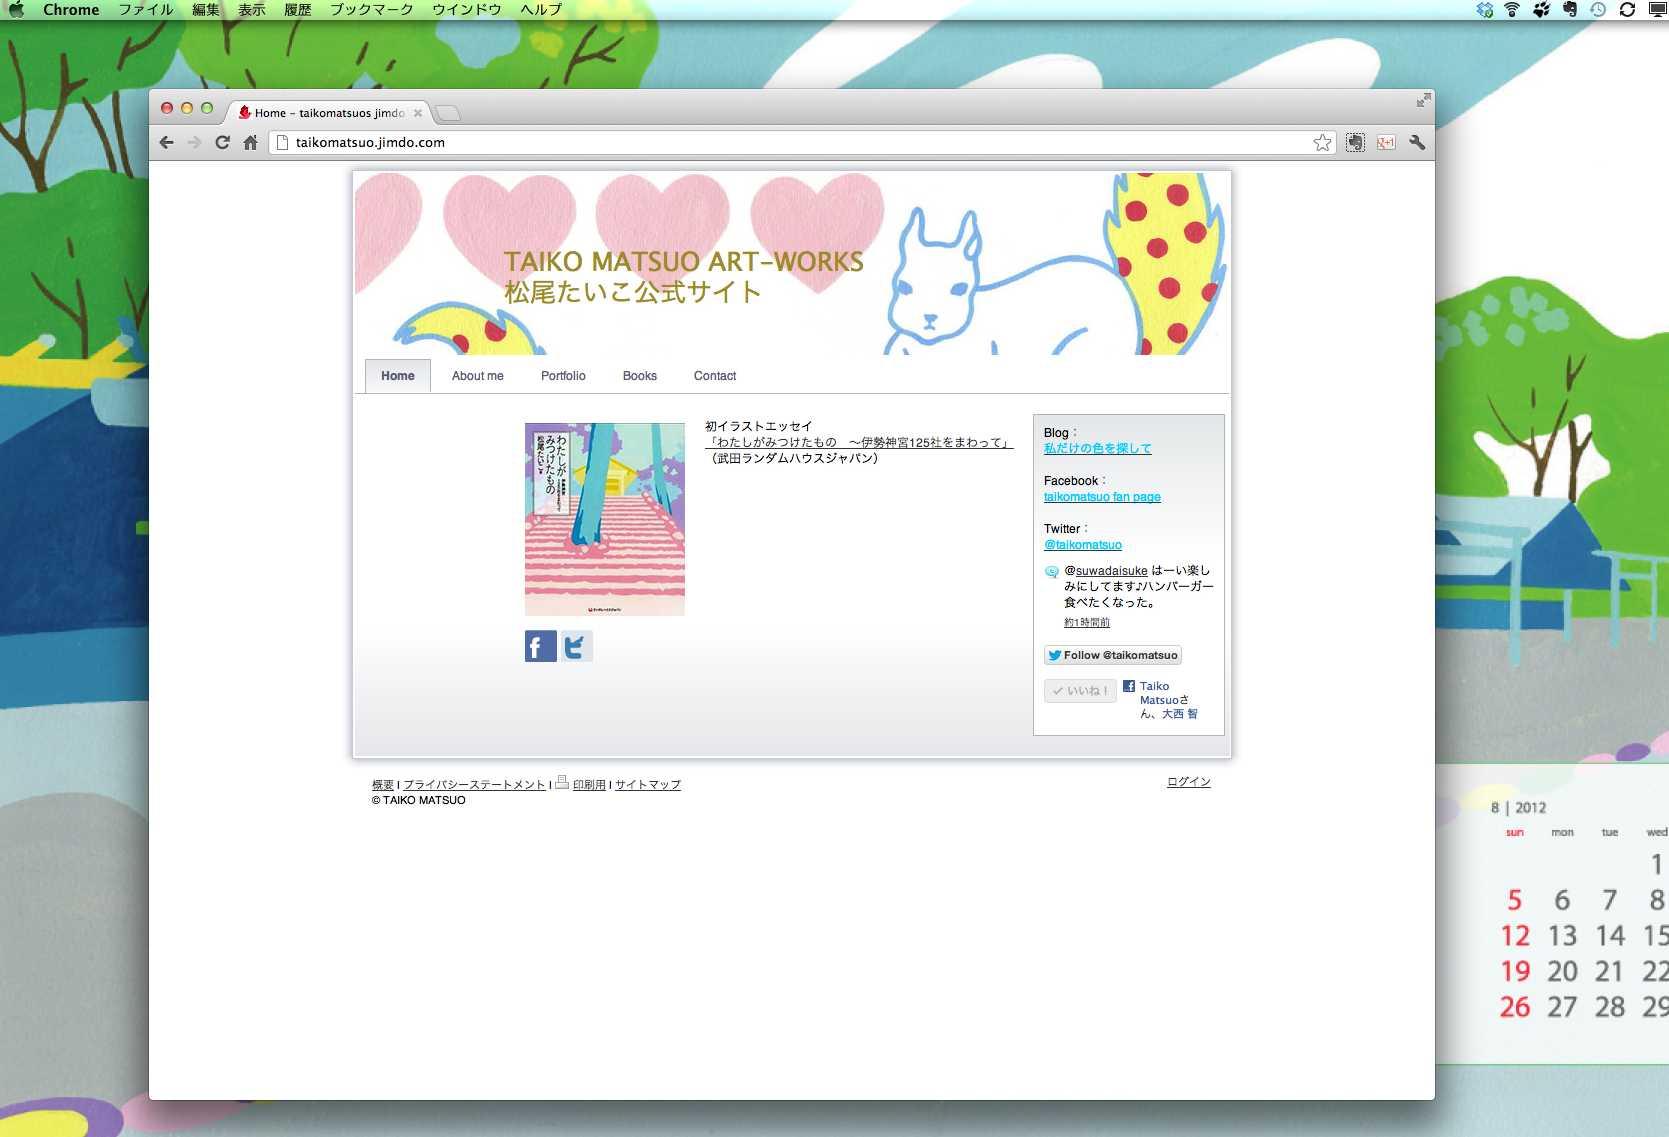 シンプル&スッキリ:公式サイトをリニューアルしたよ。ファビコンは赤い鳥♪_d0339885_13470867.png